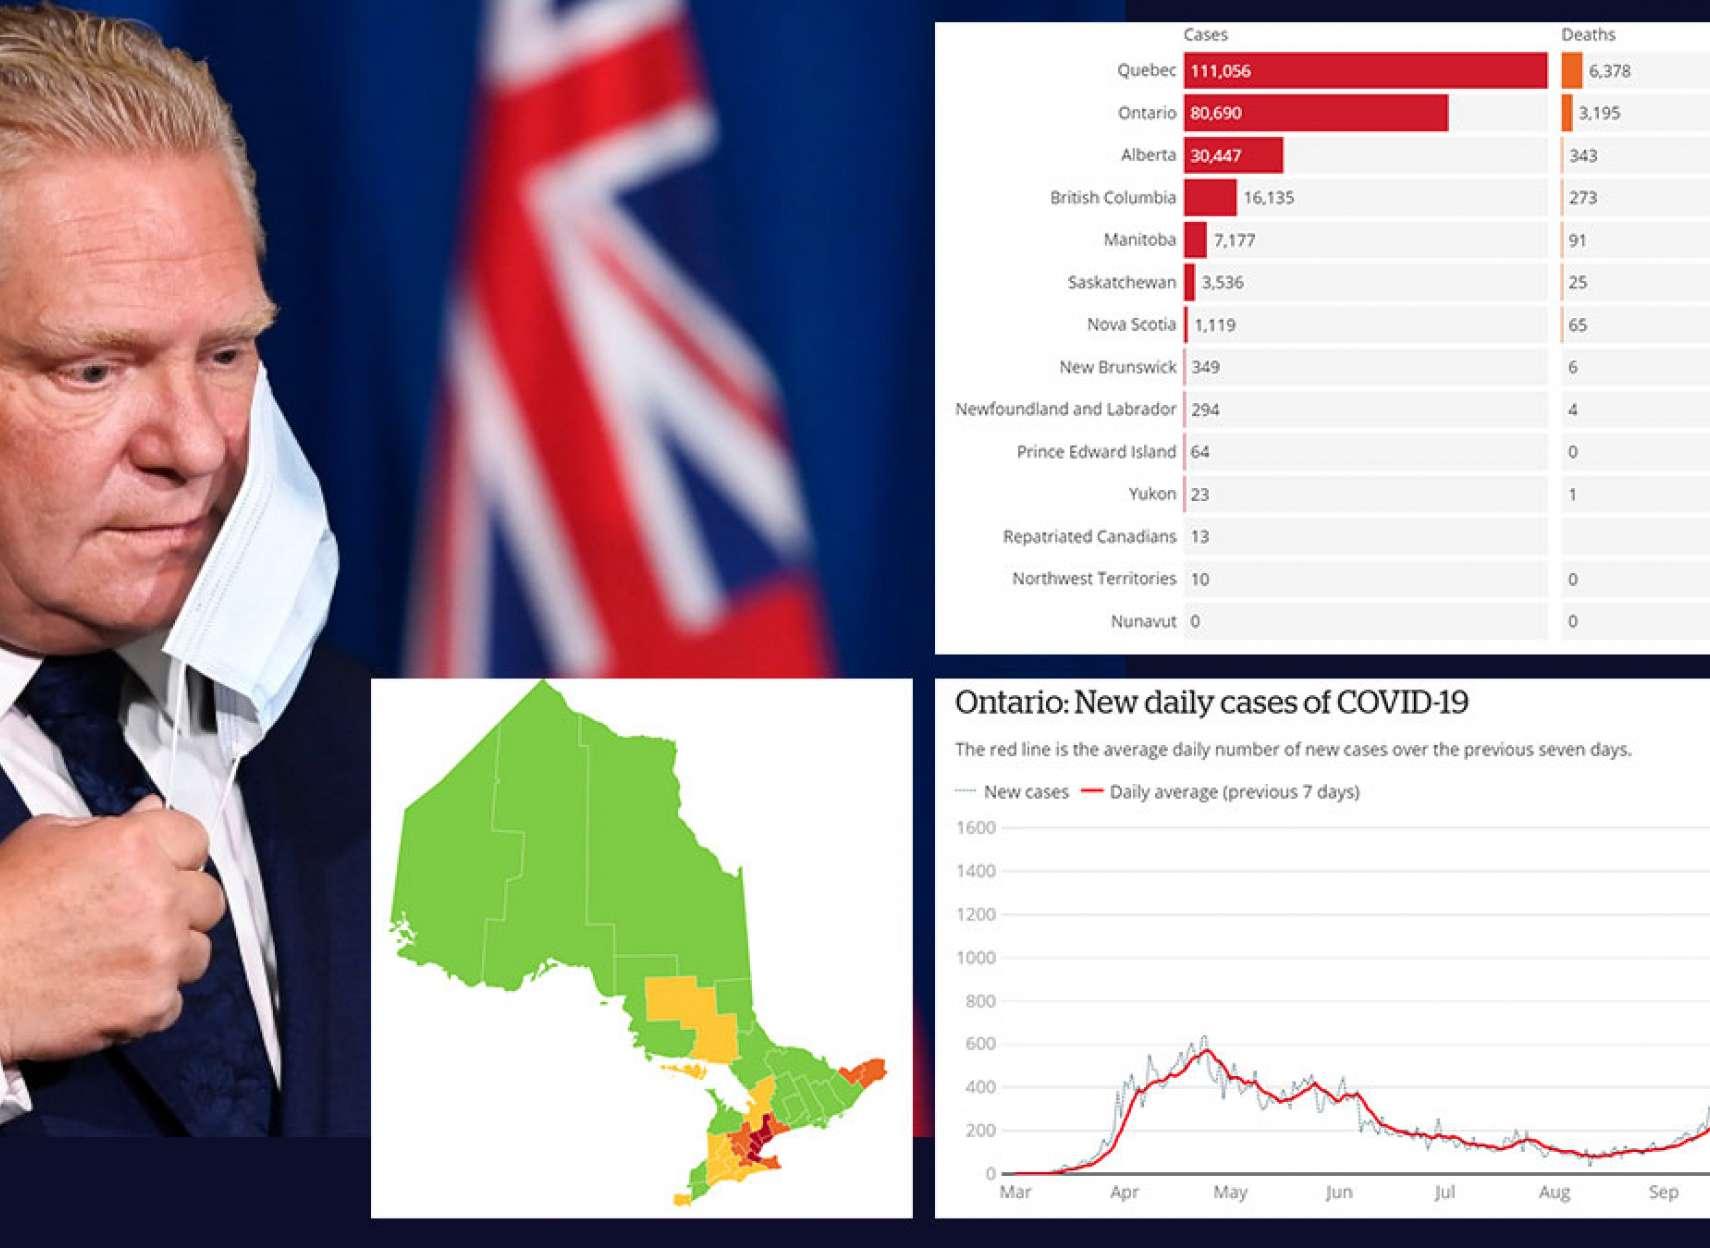 اخبار-تورنتو-رکوردشکنی-کرونا-در-انتاریو-و-احتمال-بسته-شدن-جریمه-در-پیل-گزارش-کرونای-کانادا-و-دنیا